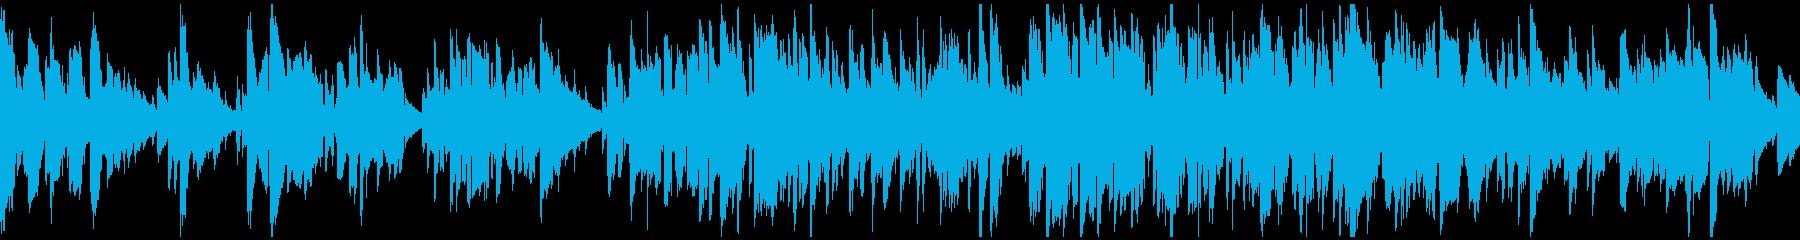 しっとり、リラックス系のジャズ※ループ版の再生済みの波形